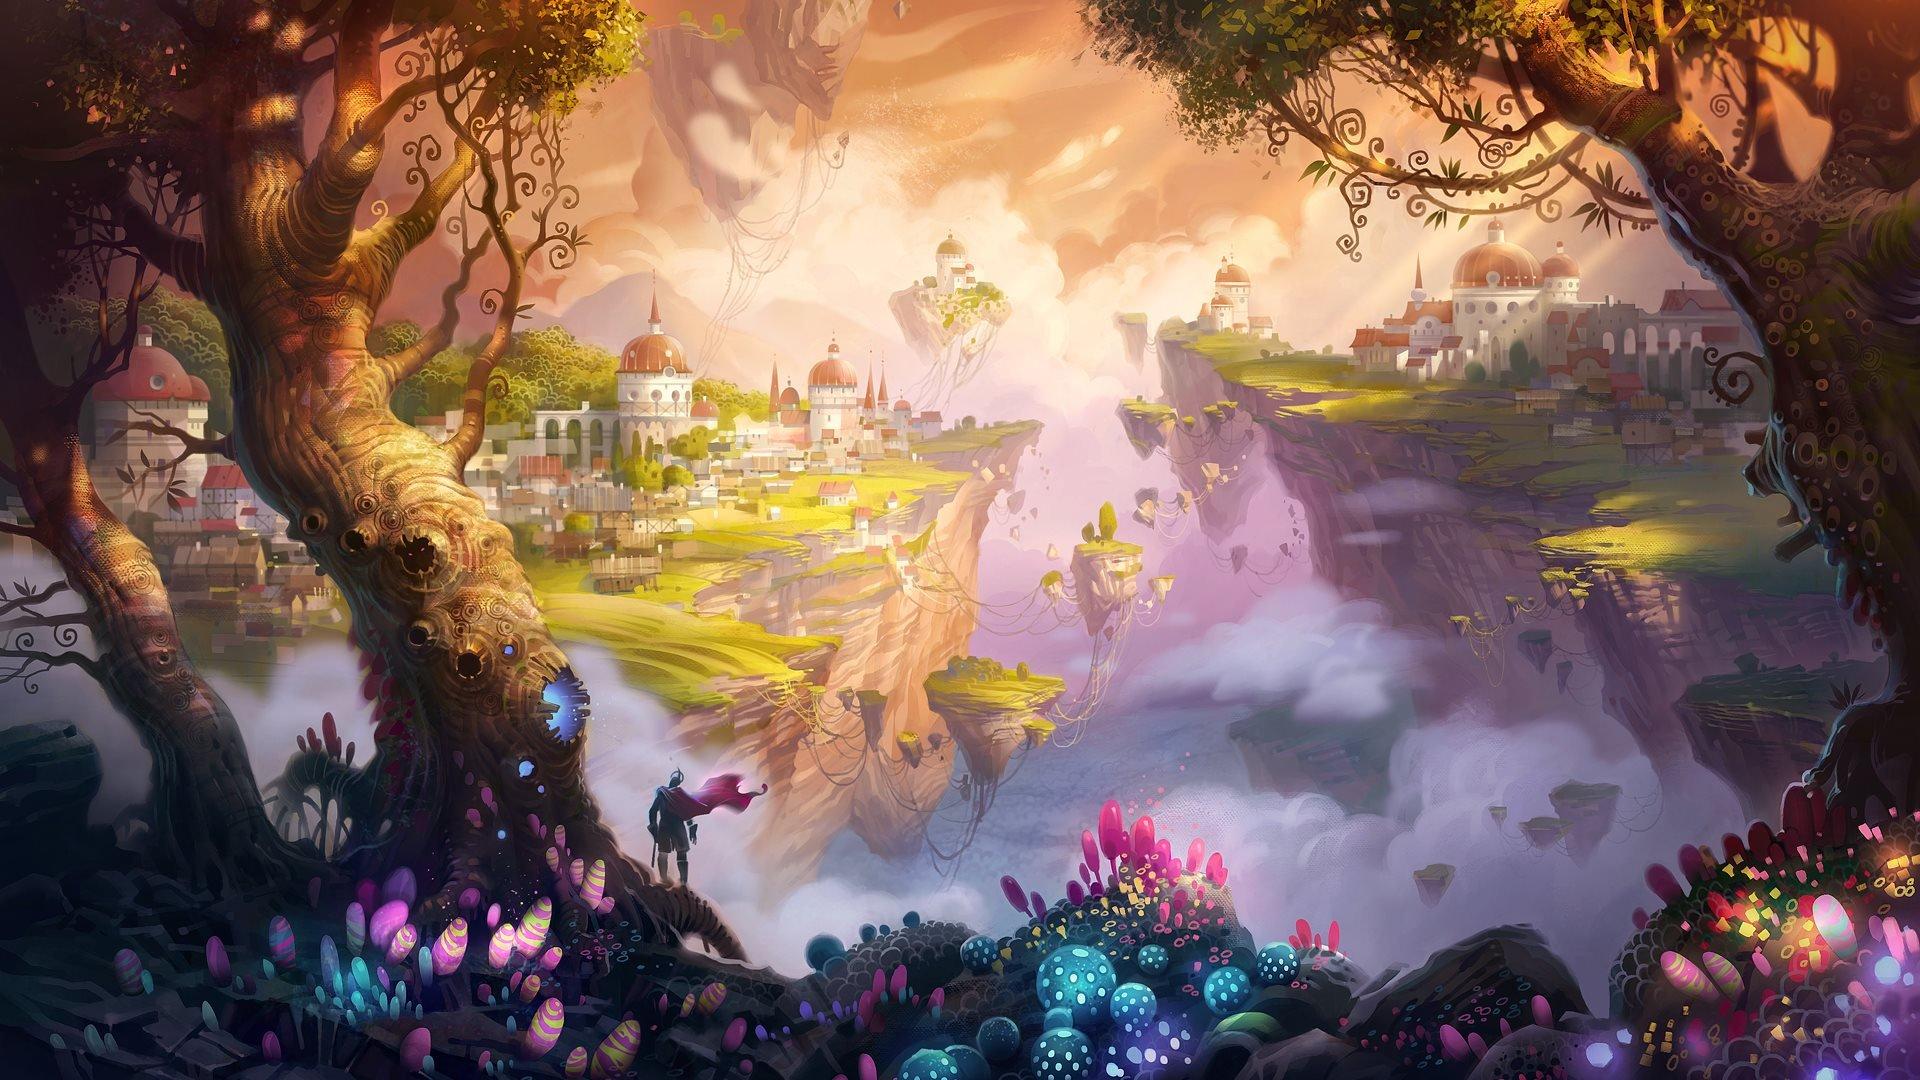 fantasylandscapeillustrations